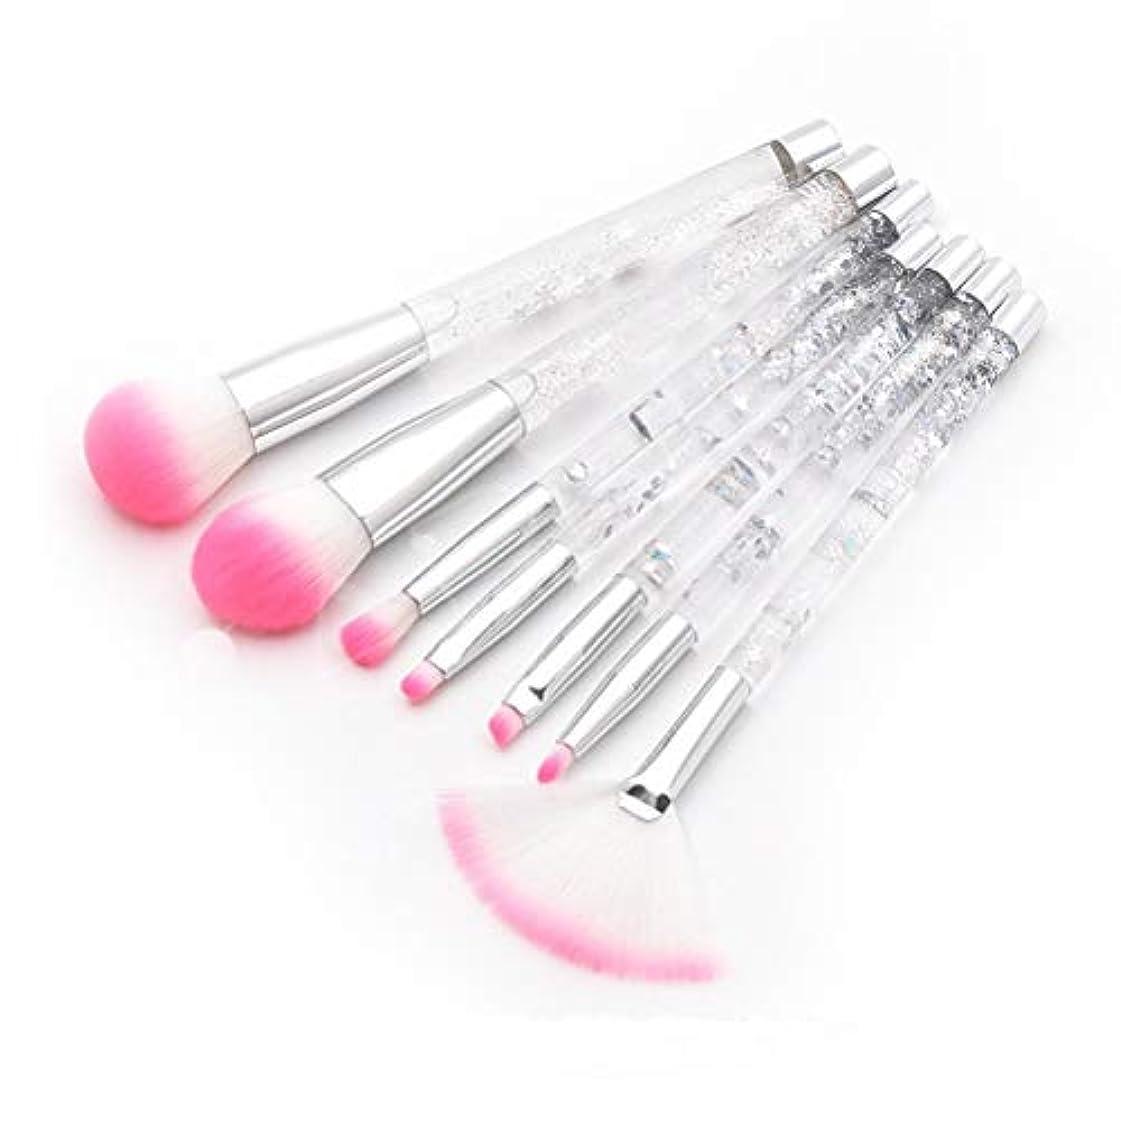 紛争こっそりさようならLSHJP 化粧ブラシ 7個セット 化粧道具 レディース ビューティー きれいめ 簡単 カジュアル 便利 お出かけ 高品質 (Color : SilverWhite, Size : ワンサイズ)